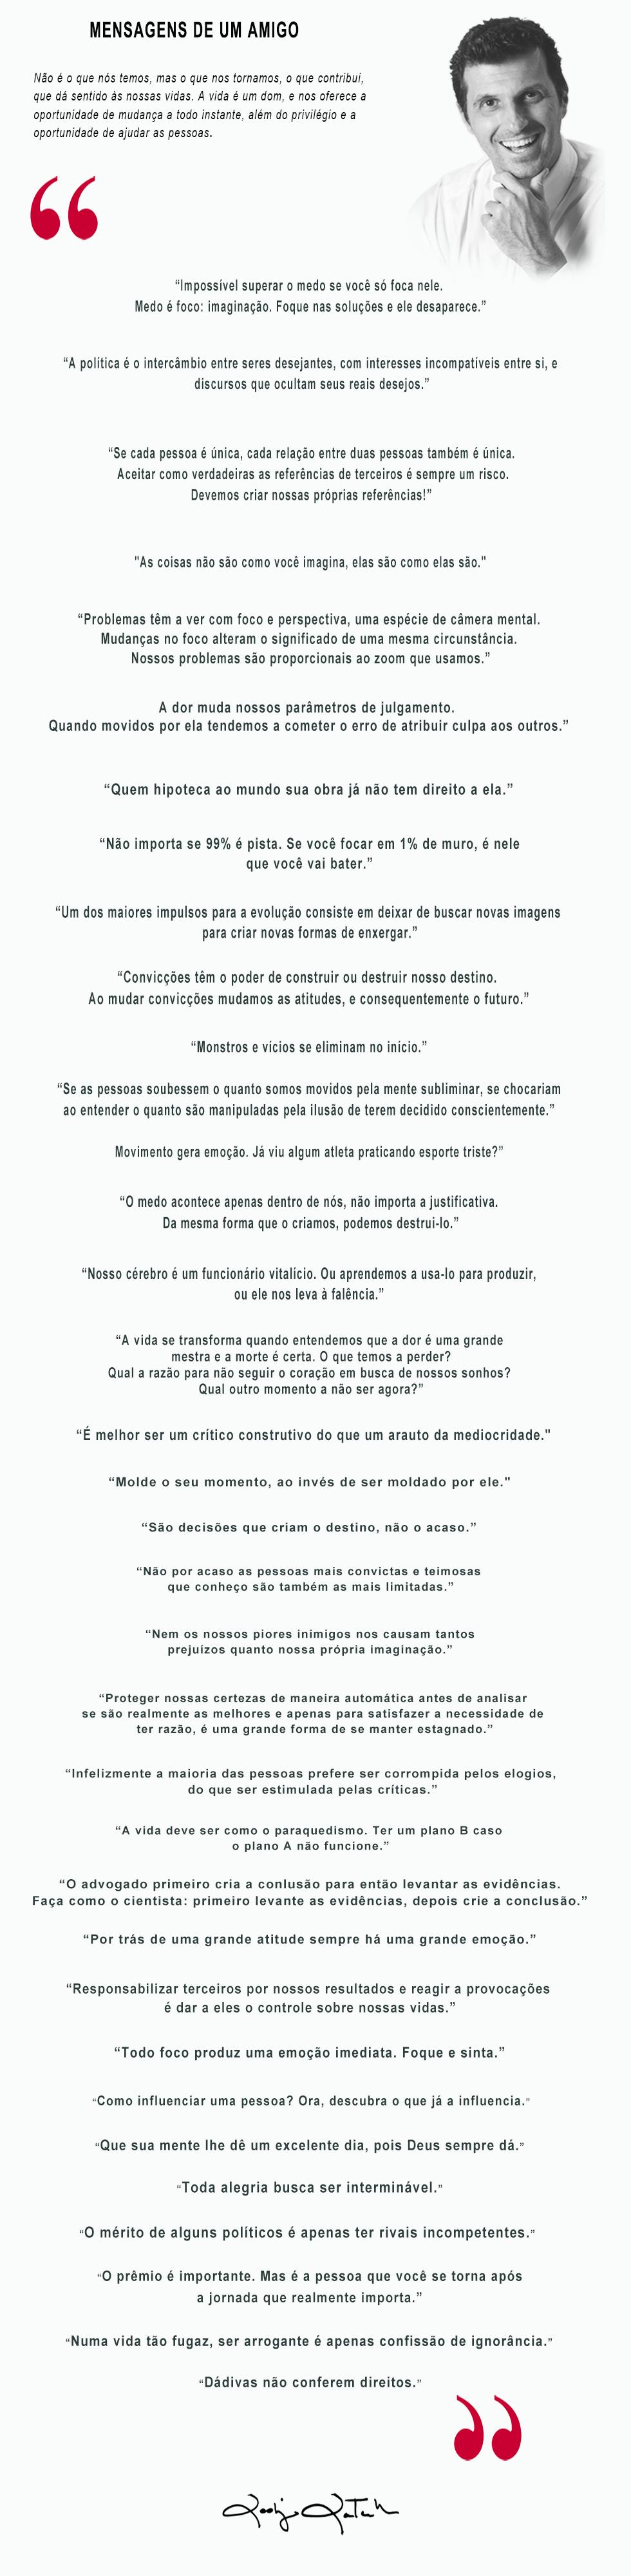 frases-1